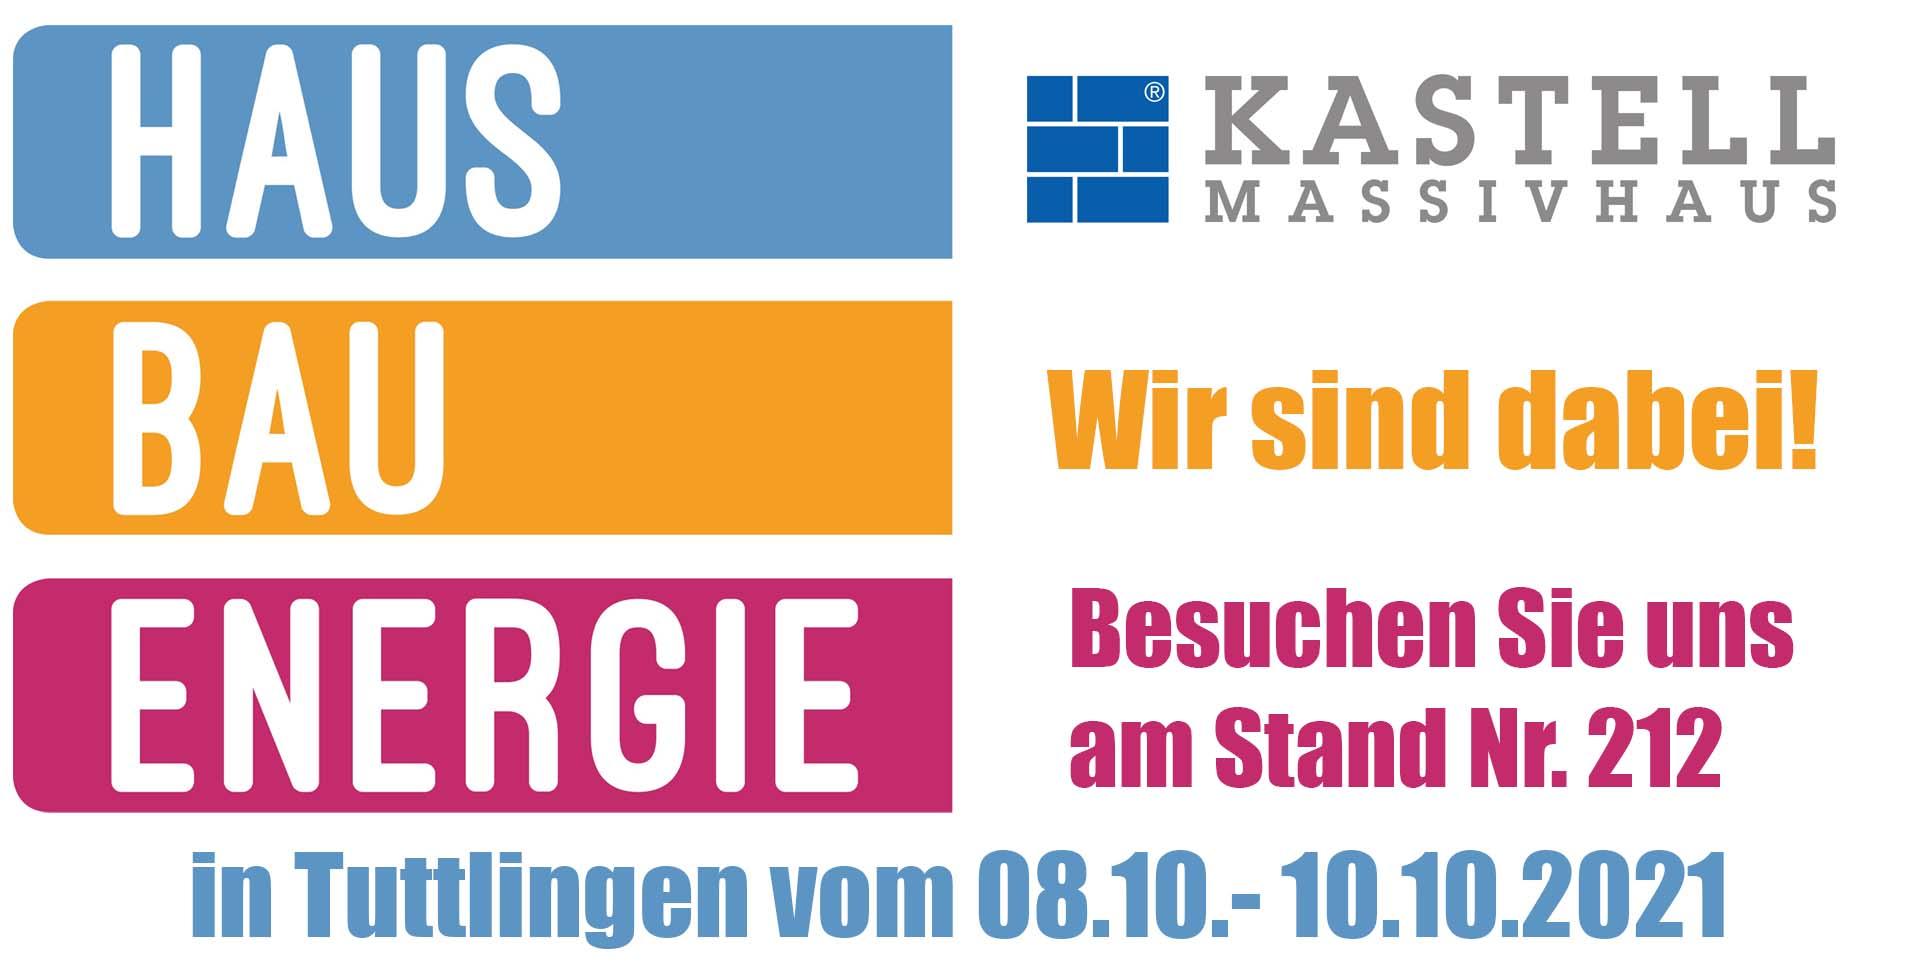 Kastell_Messe-Tuttlingen